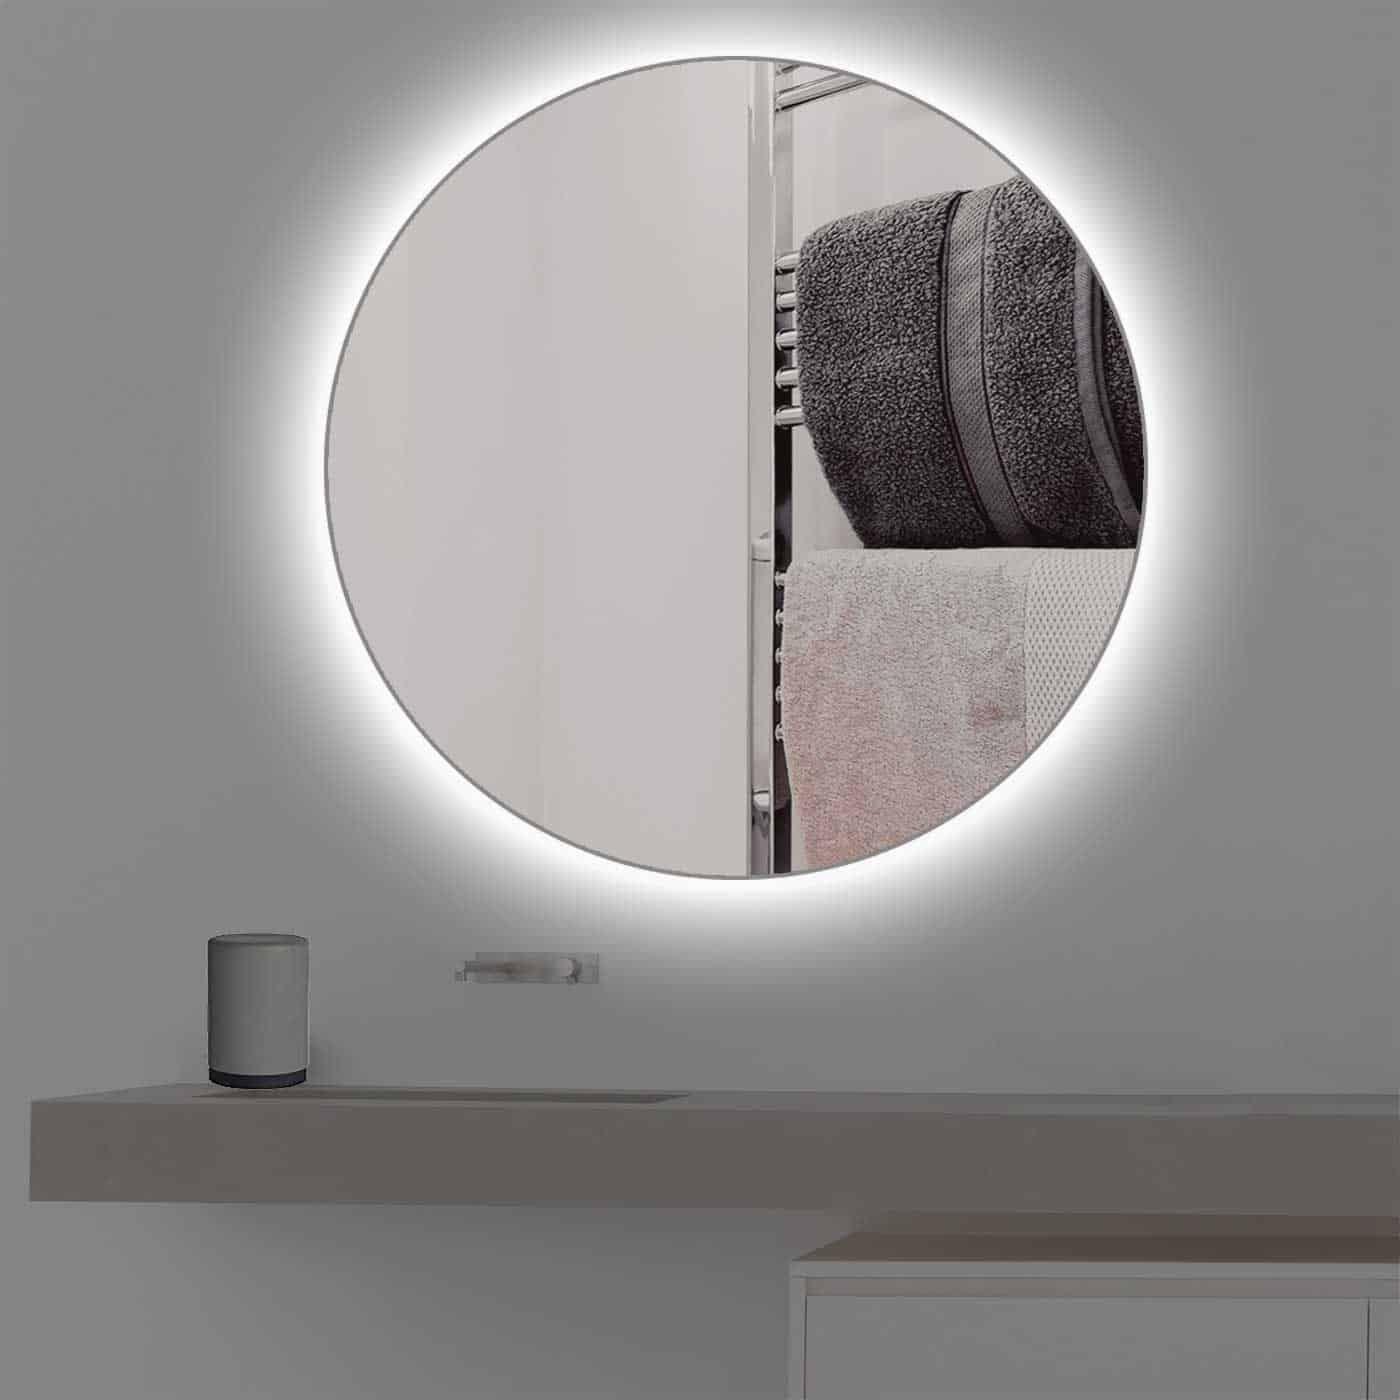 Runder Badspiegel Mit Beleuchtung In Kaltweiss Badspiegel Spiegel Mit Beleuchtung Spiegel